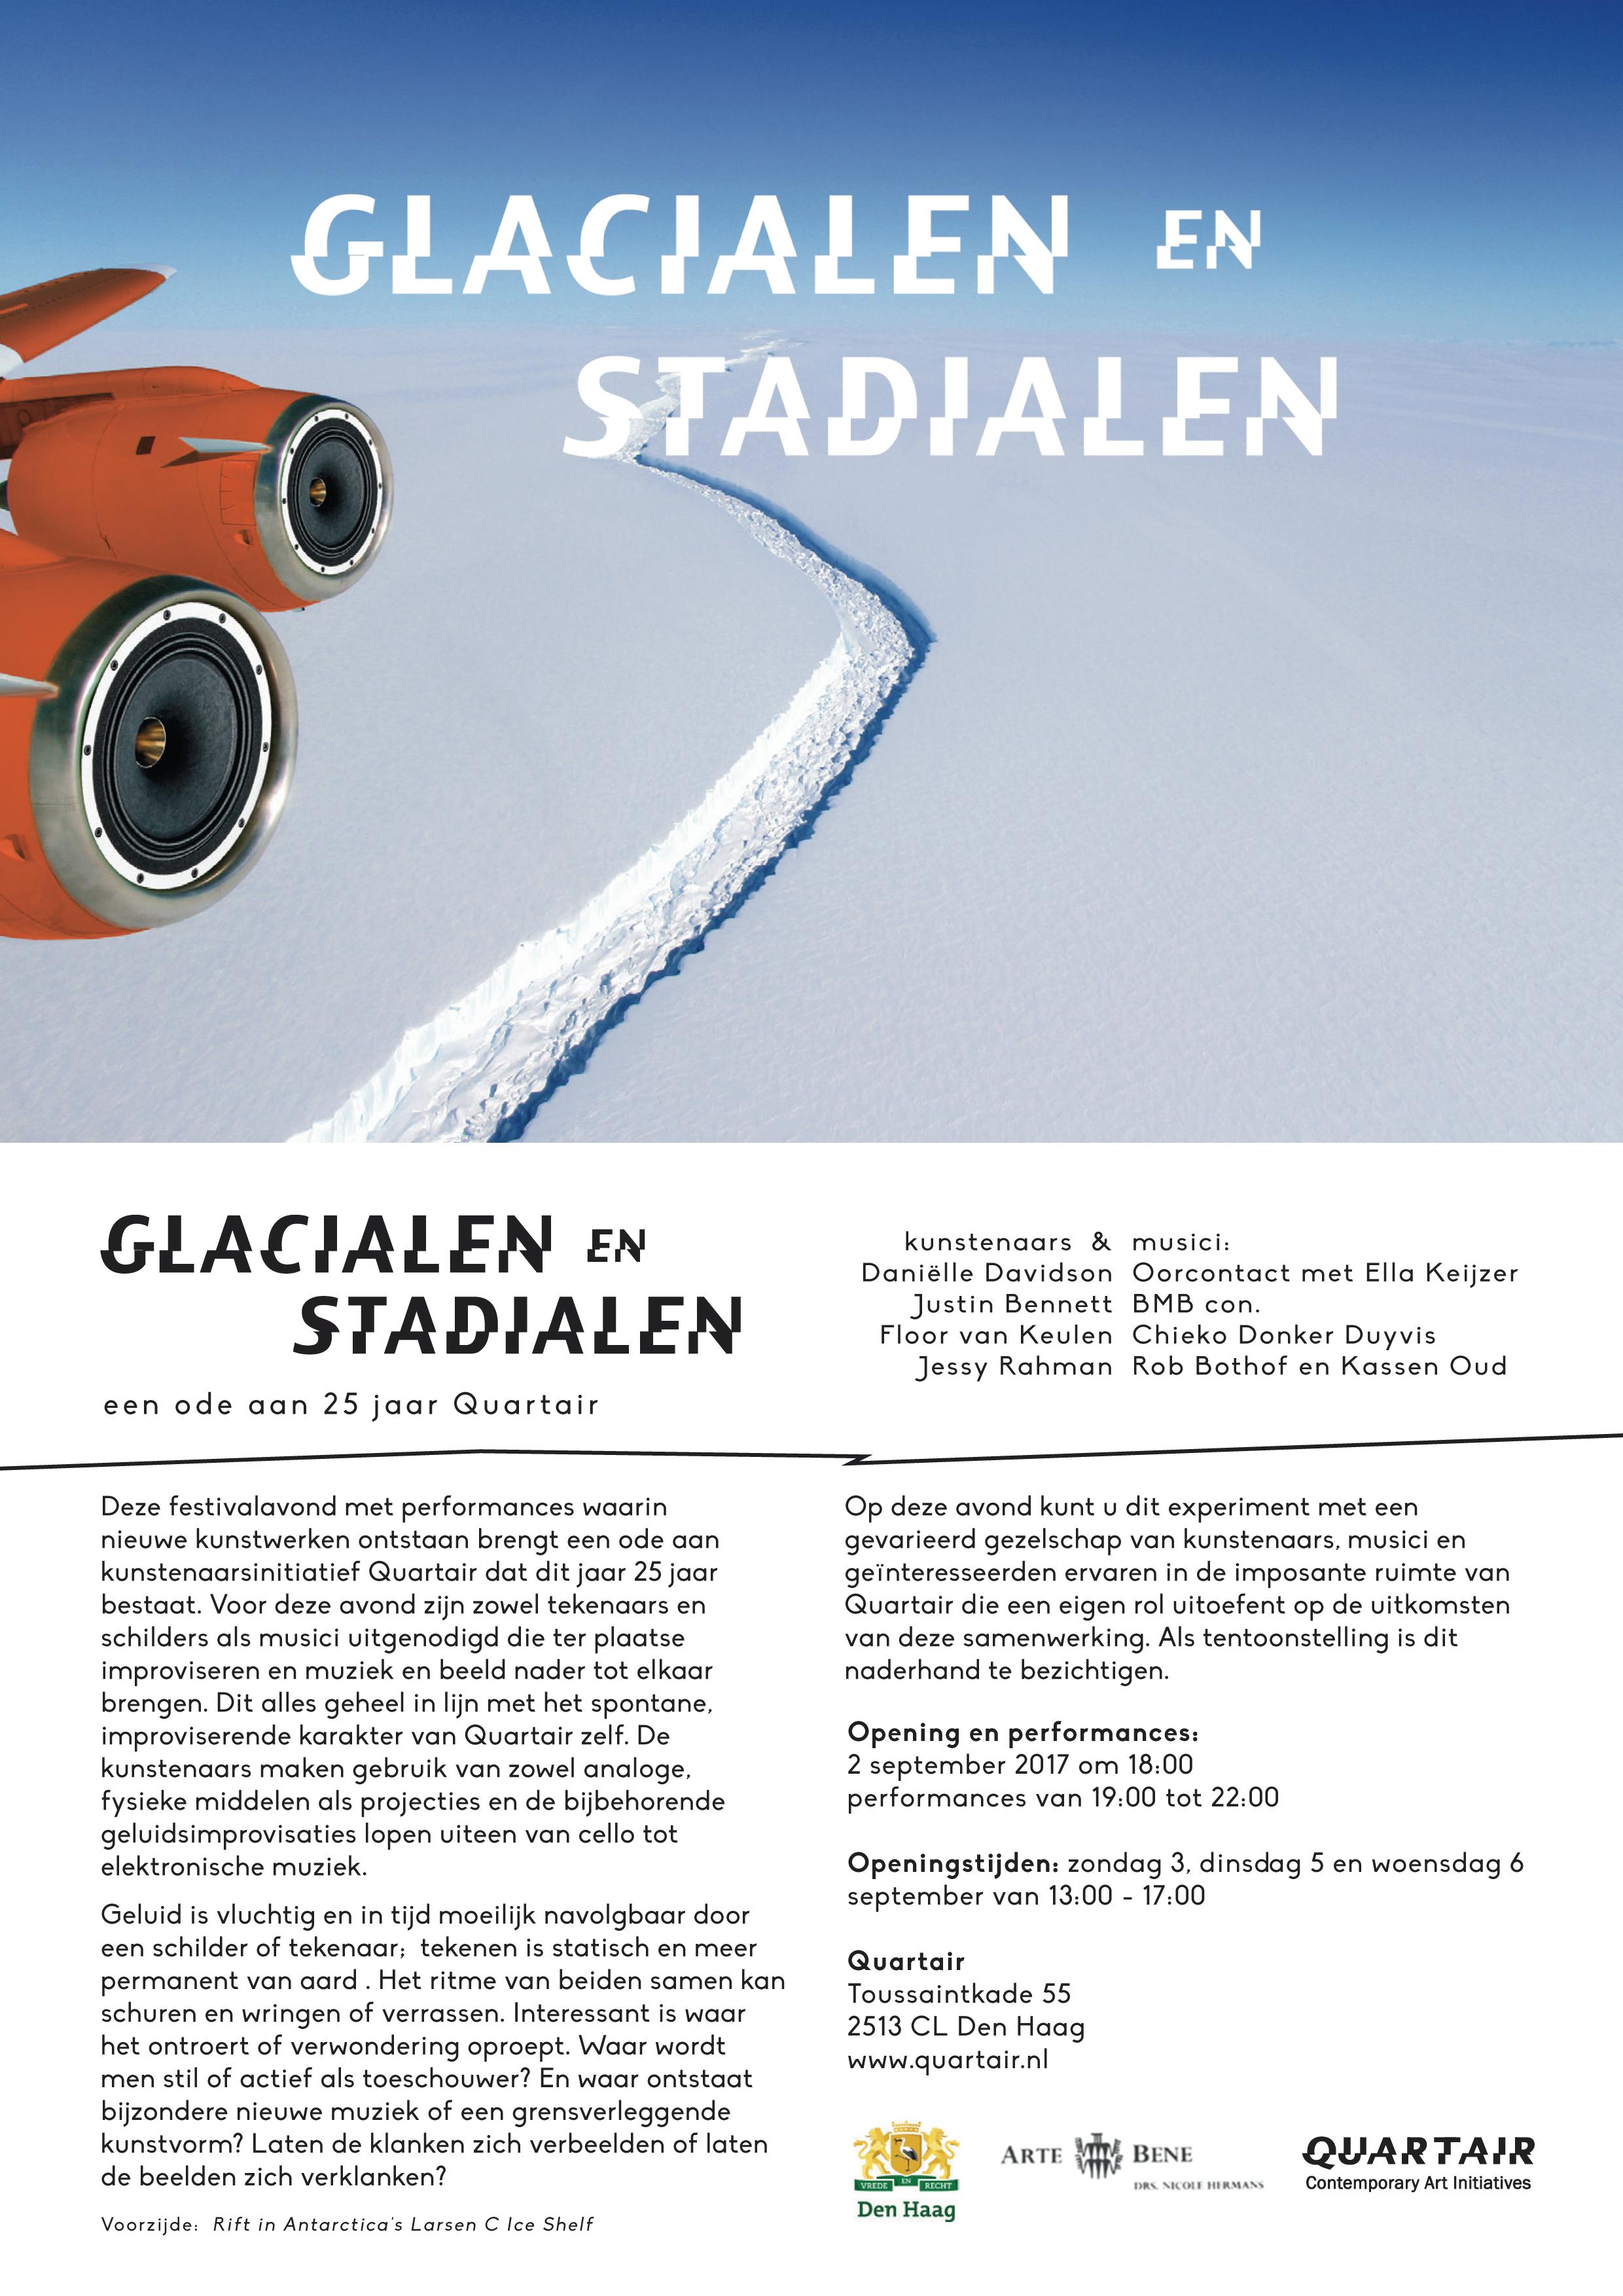 2 september Quartair, Glacialen en Stadialen